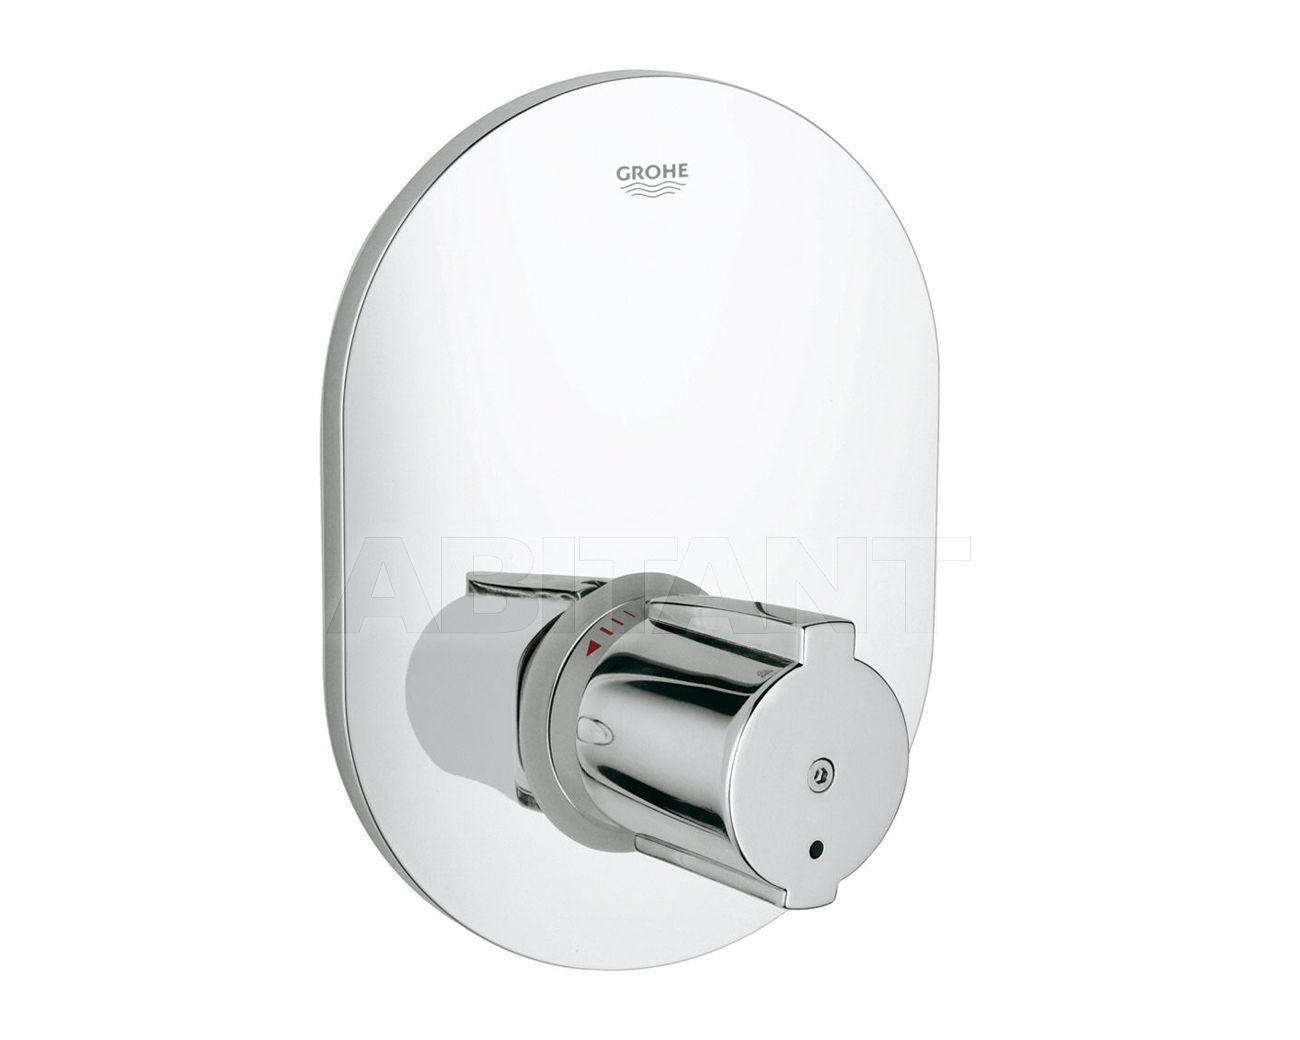 Купить Смеситель термостатический Grohe 2012 19 418 000